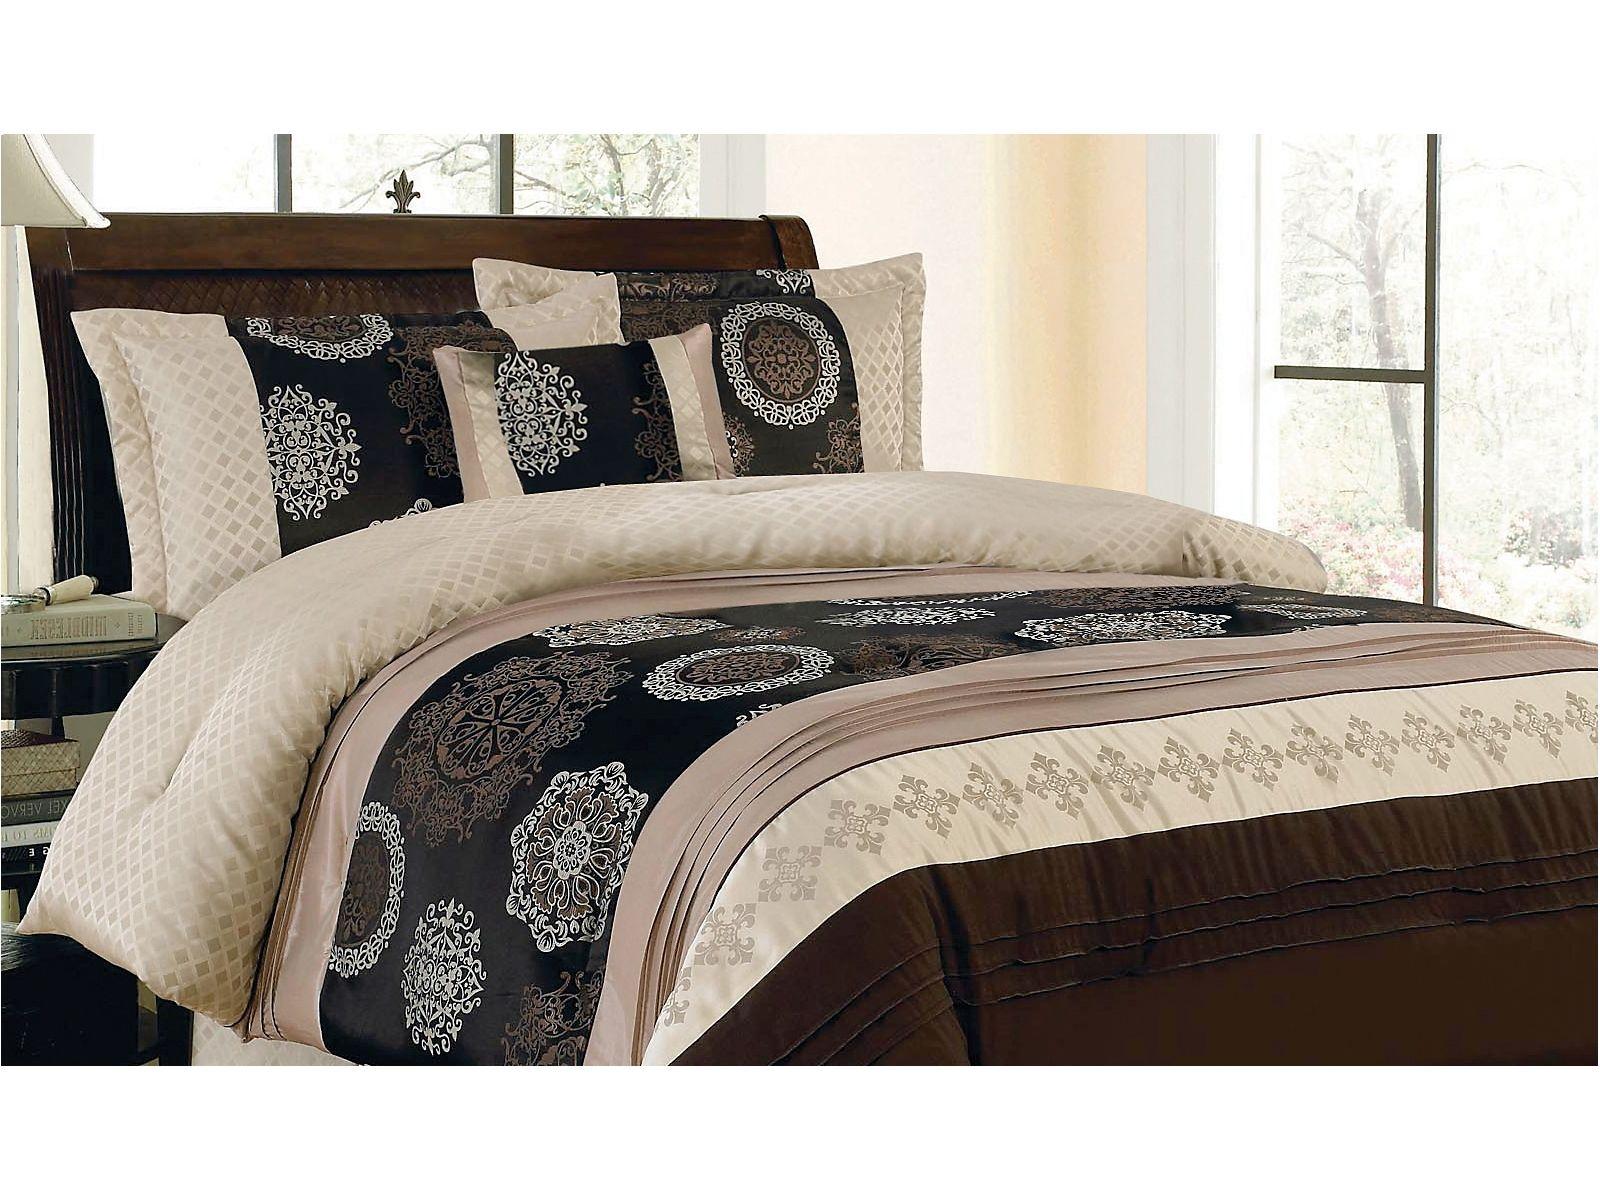 Milano 4 Piece Queen Comforter Set - $59.95